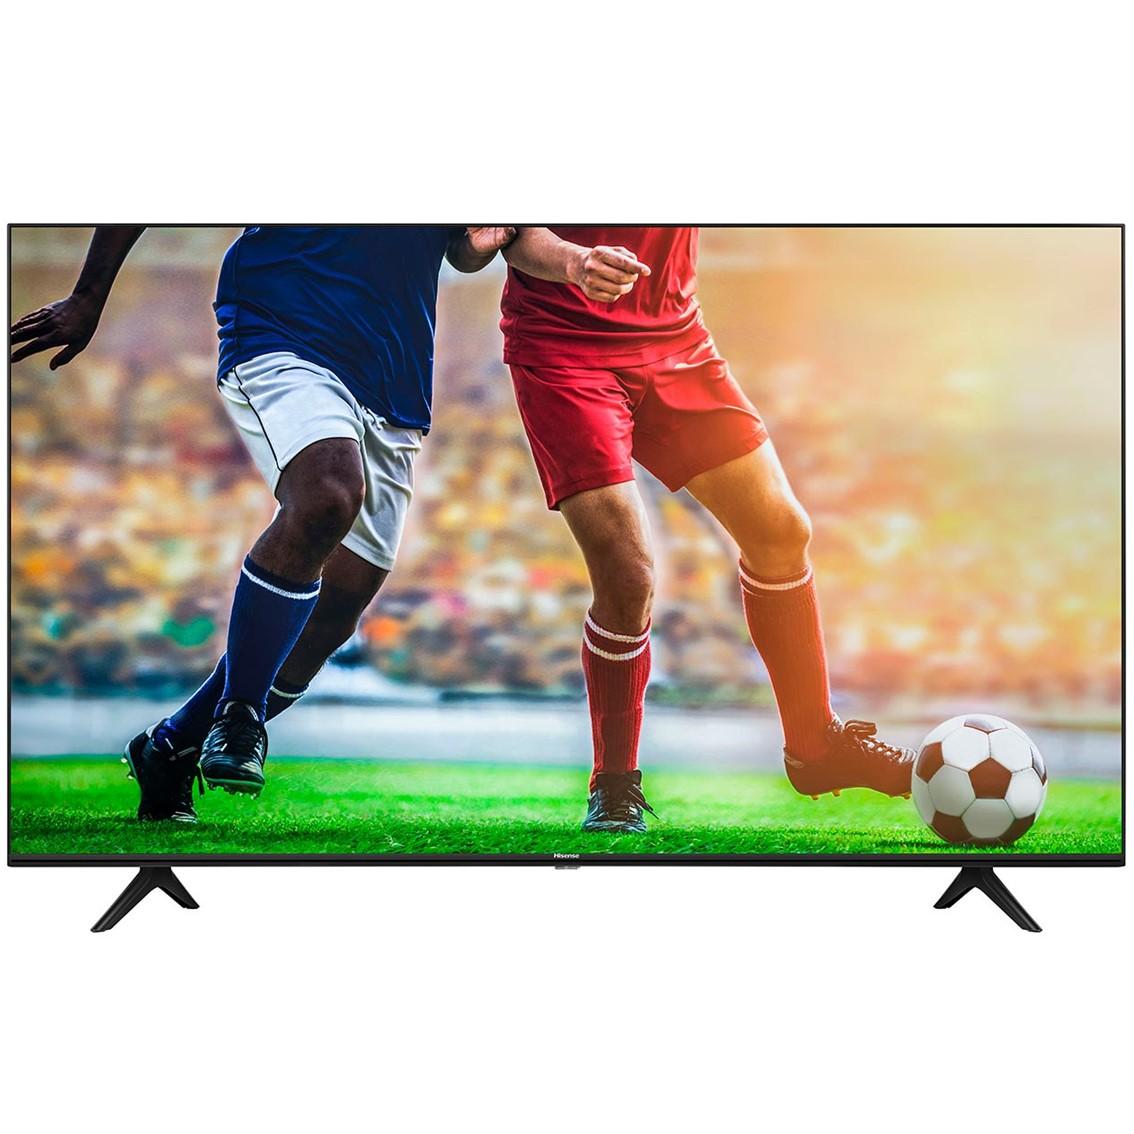 Tv hisense 55pulgadas led 4k uhd -  55a7100f -  hdr10 -  smart tv -  3 hdmi -  2 usb -  dvb - t2 - t - c - s2 - s -